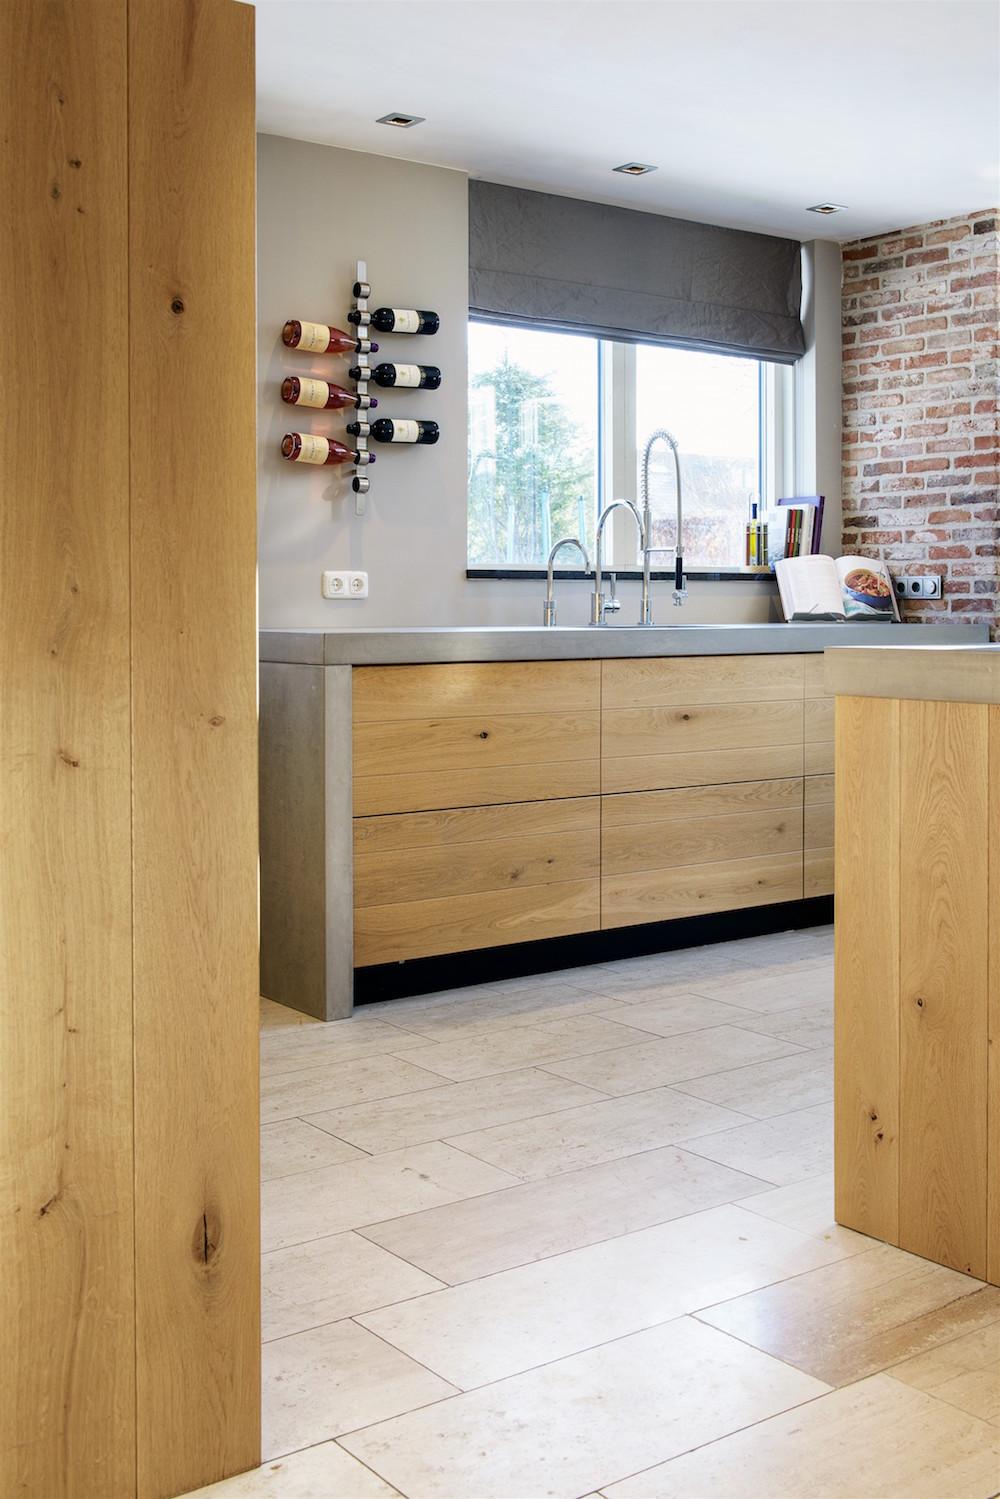 Nieuwe Keuken Kopen Tips : Greeploos geplankt, zo wordt deze keuken het liefst genoemd door JP